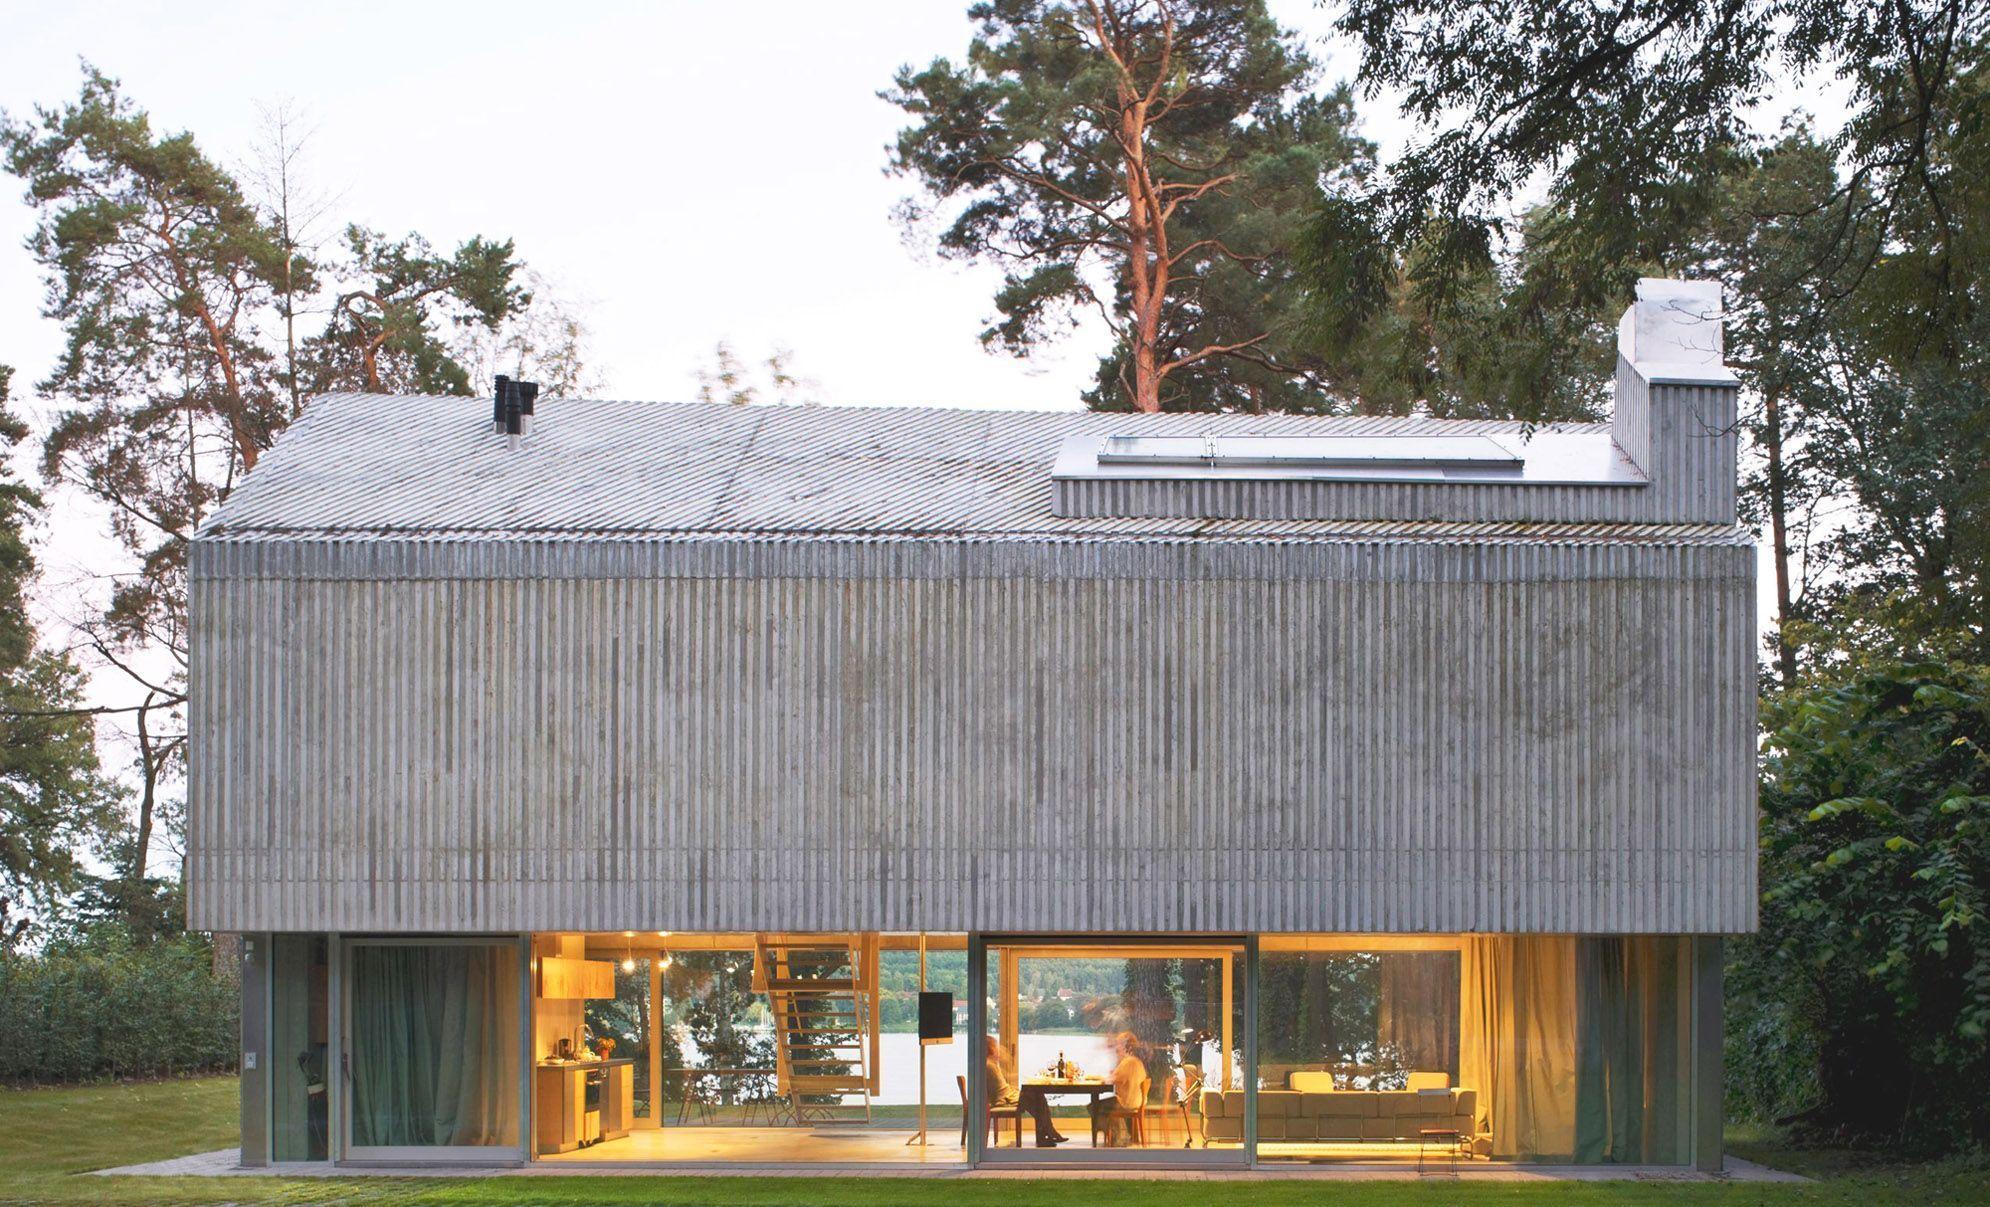 augustinundfrank-.-residential-building-.-Bad-Saarow-13.jpg (JPEG Image, 1990×1207 pixels) - Scaled (94%)